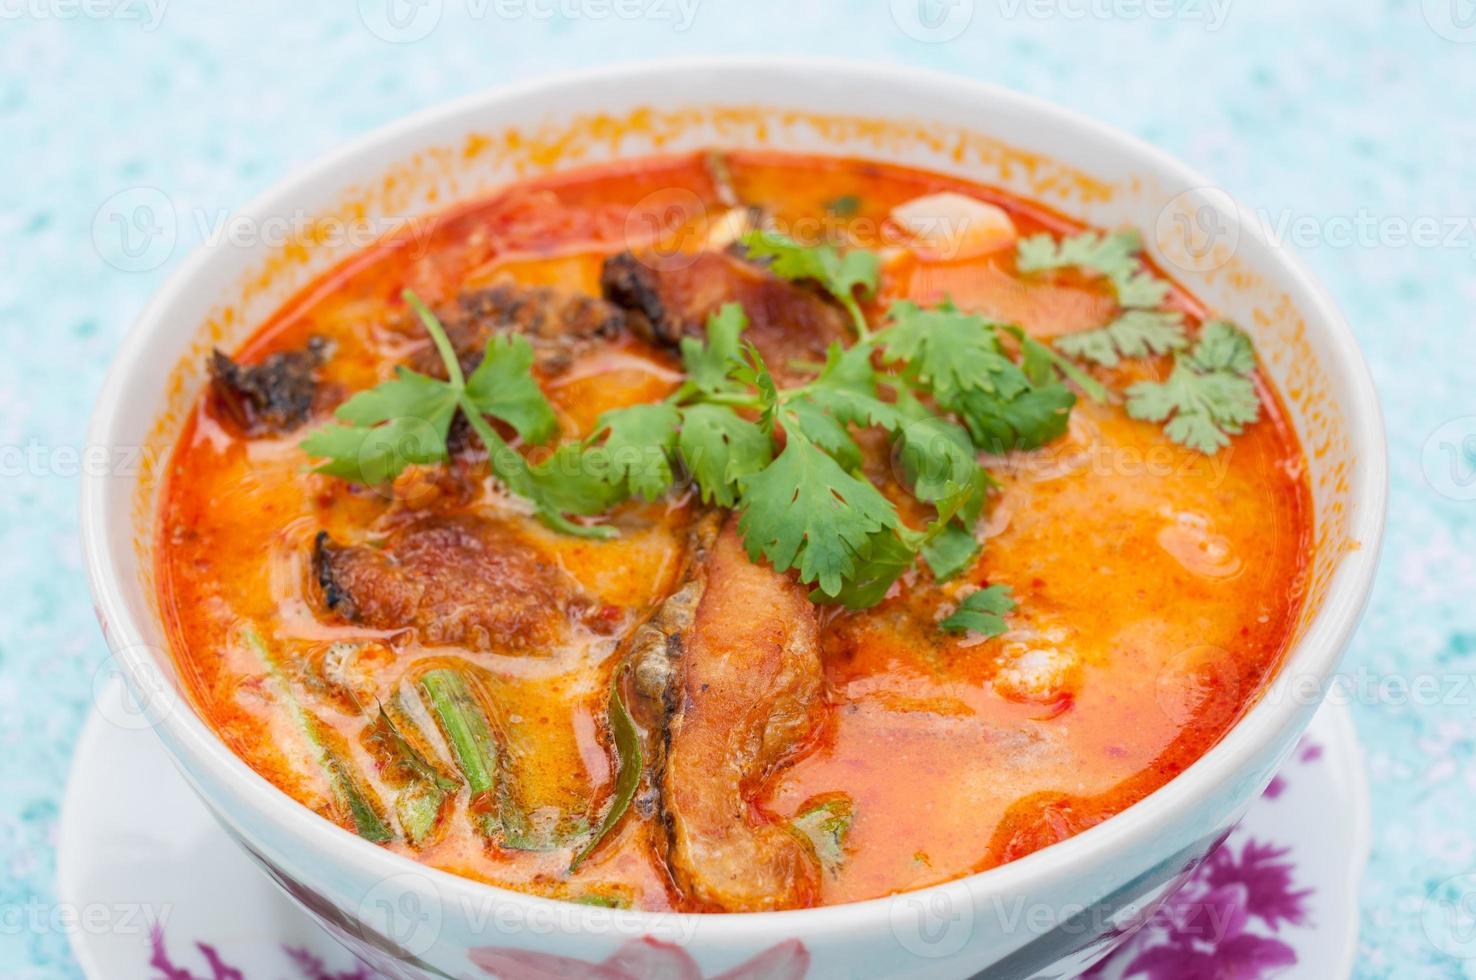 soupe aigre-douce et crevettes photo